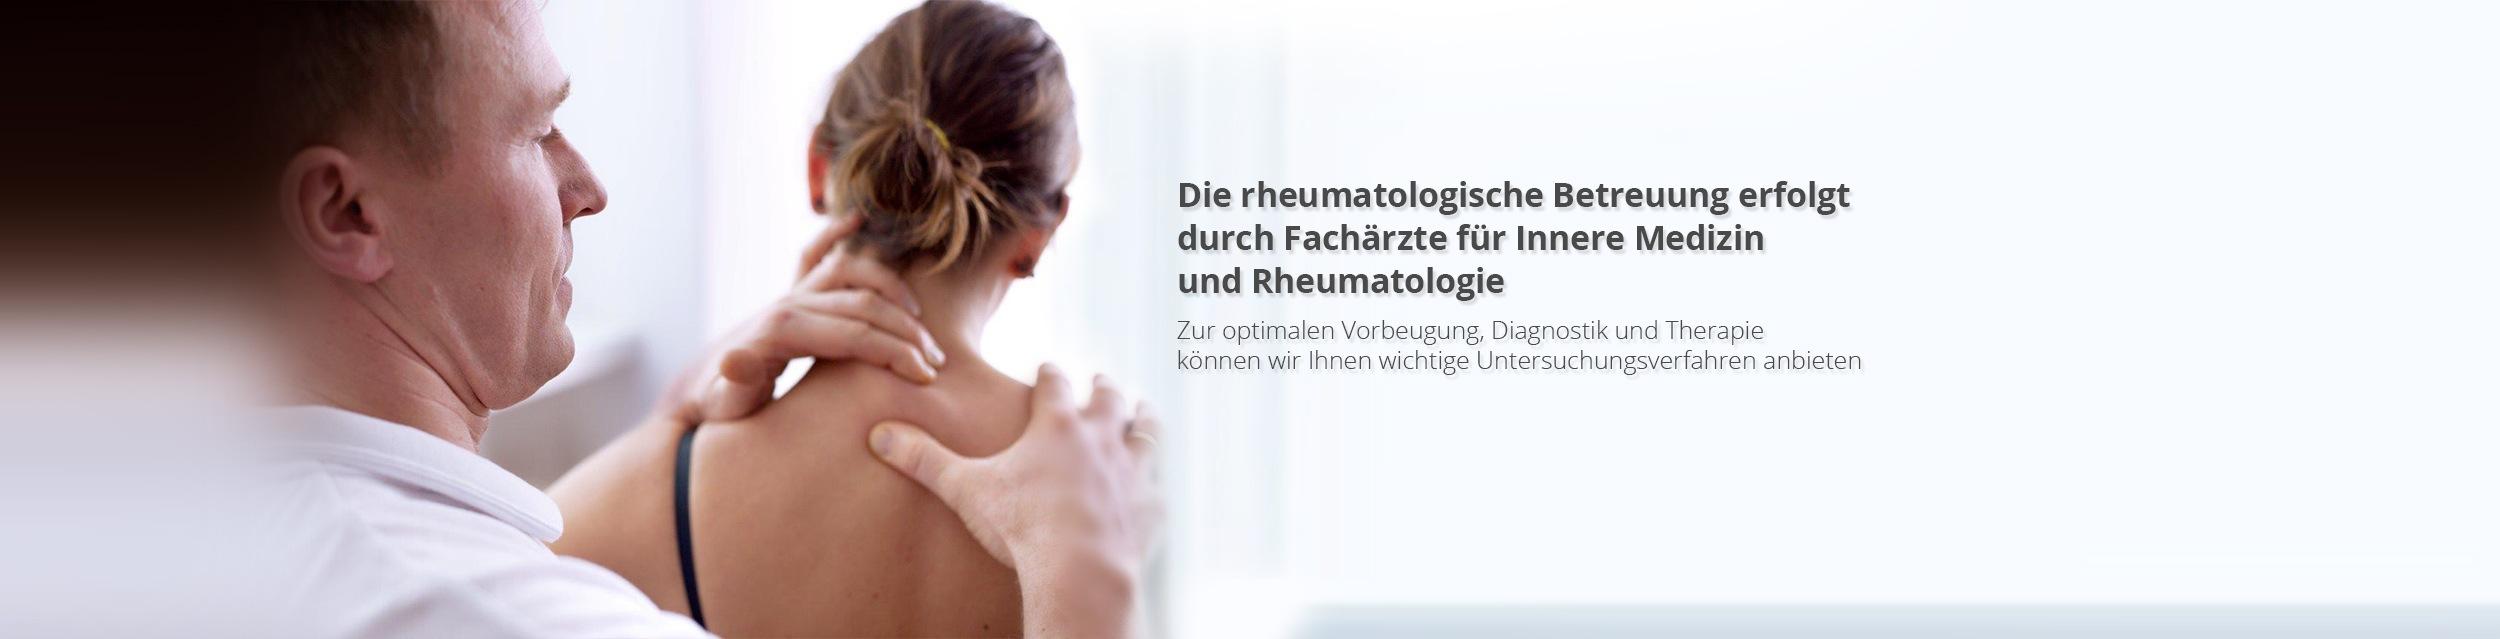 Rheumatologie